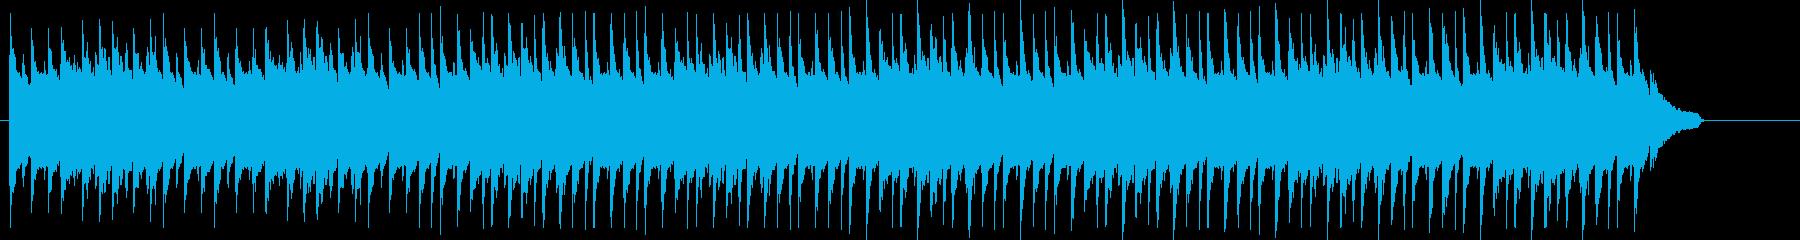 モーニングルーティン 料理 ほのぼのの再生済みの波形